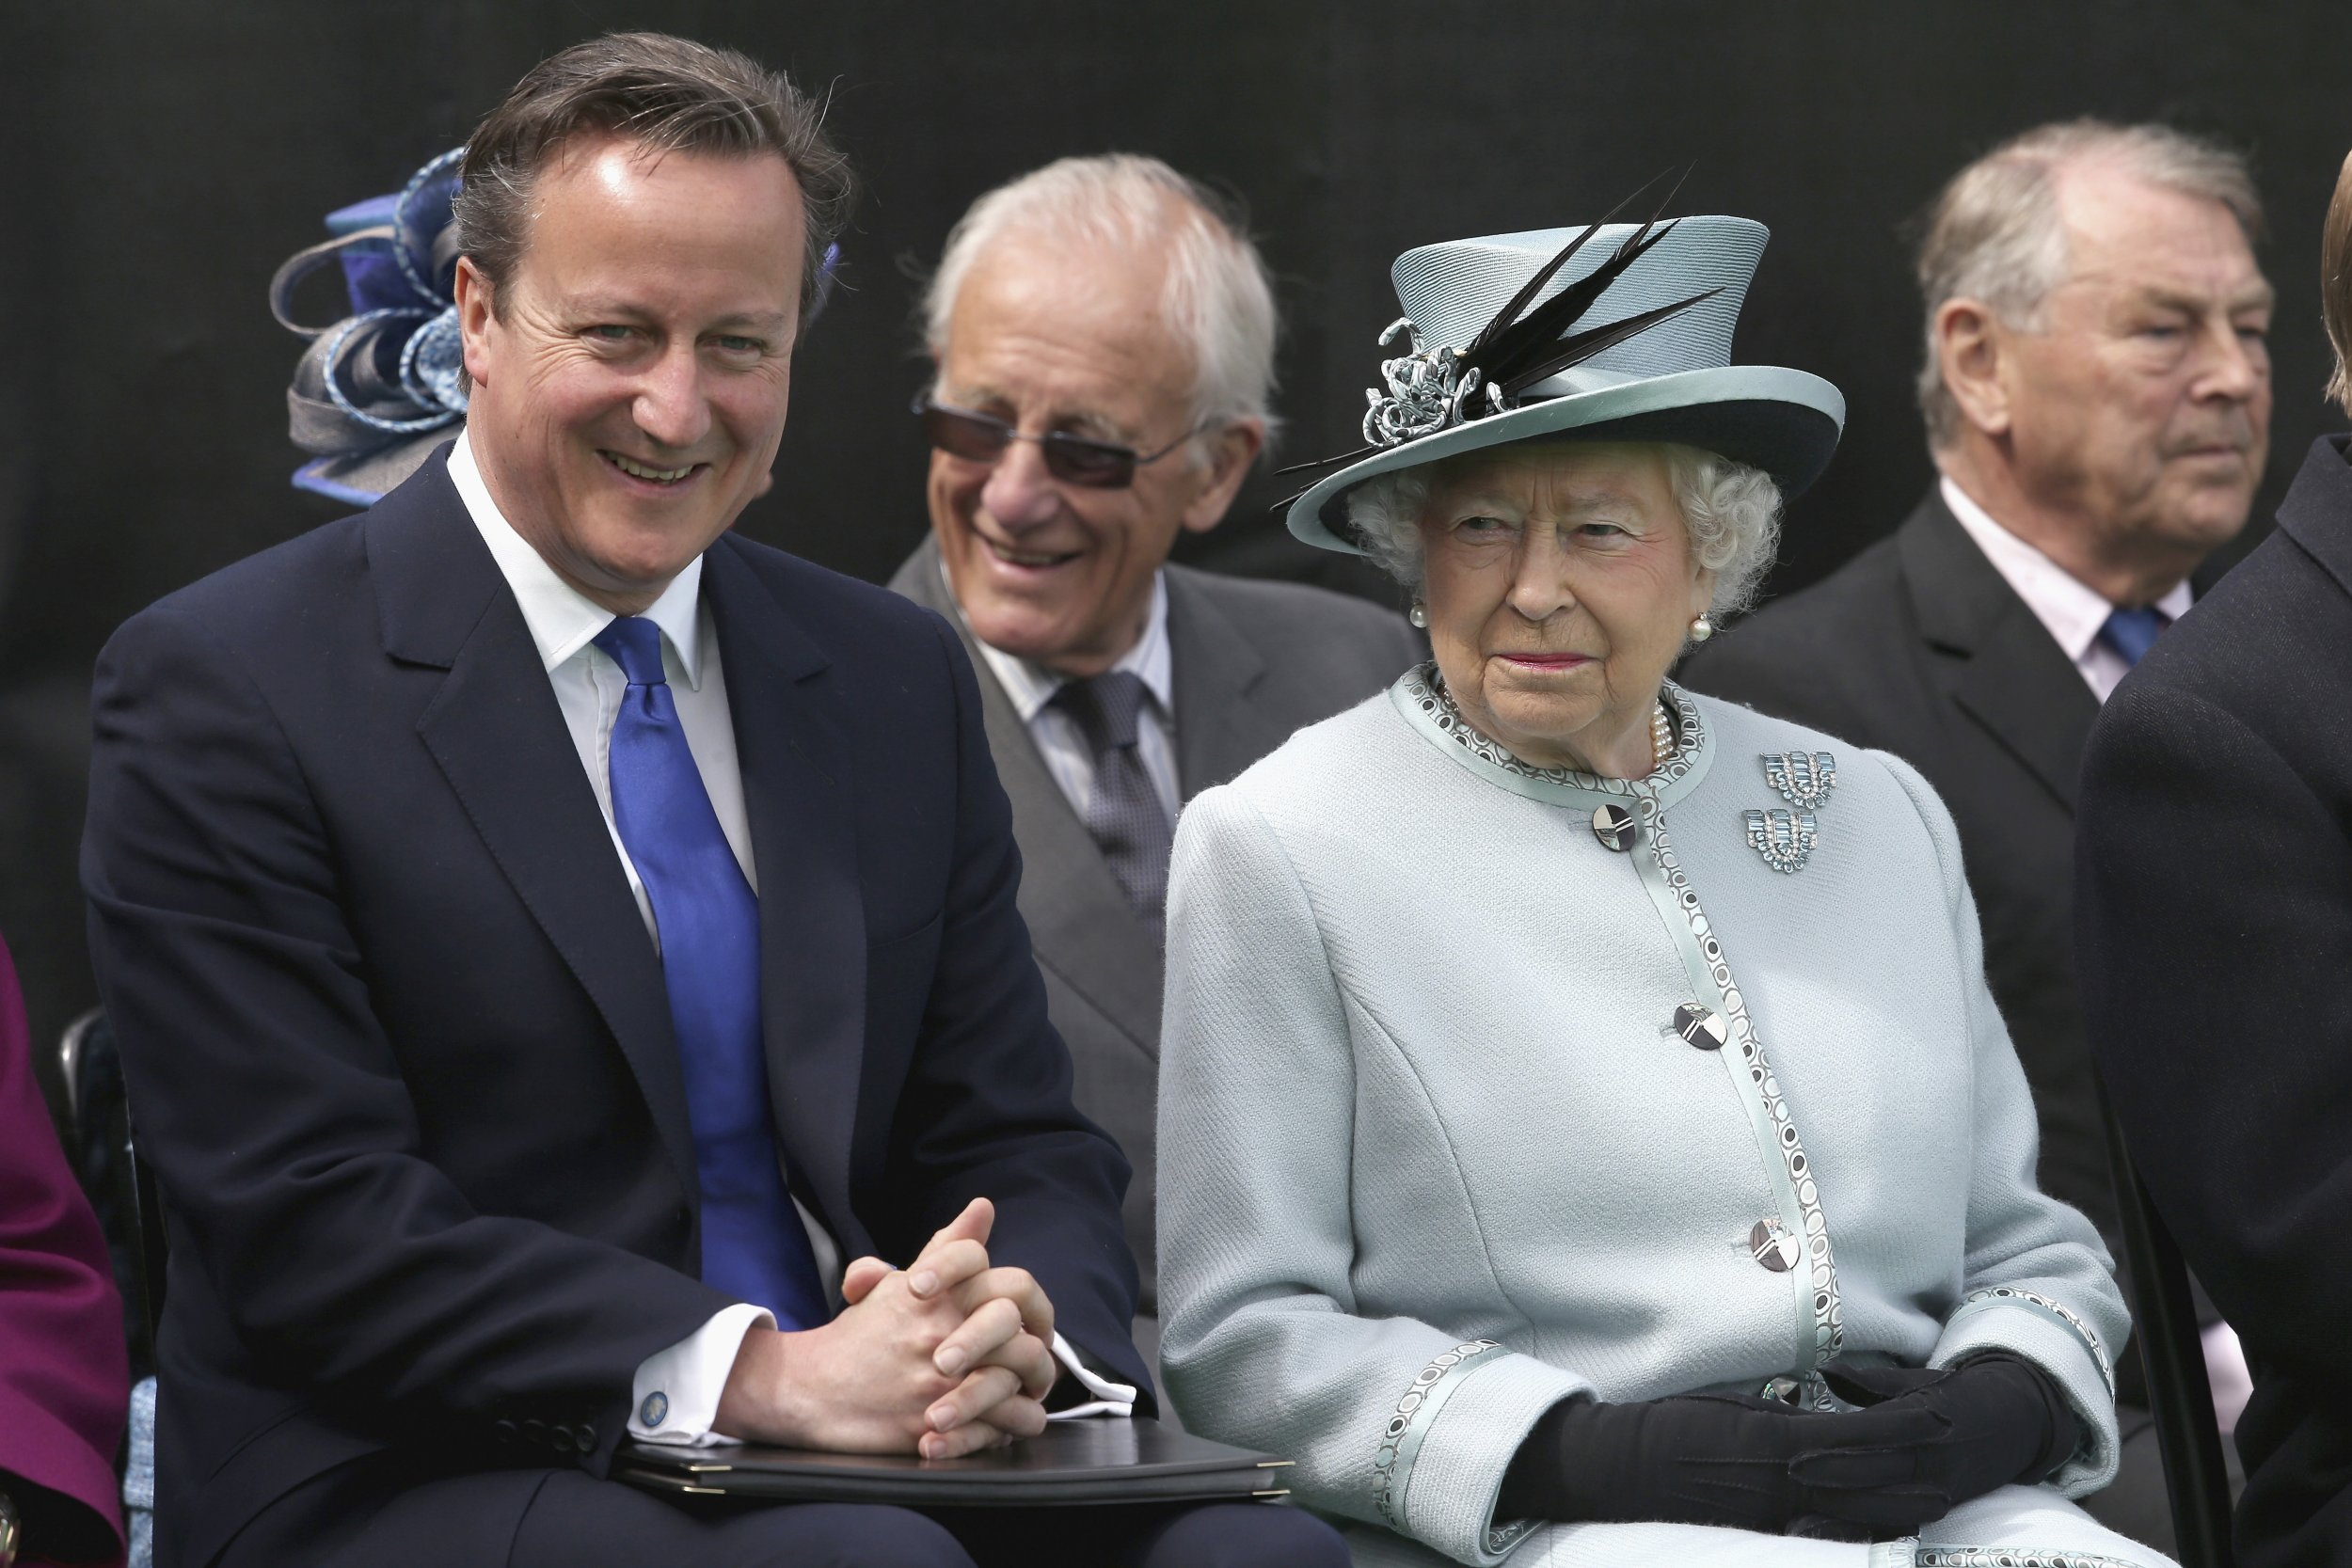 15/06/2016_Queen David Cameron